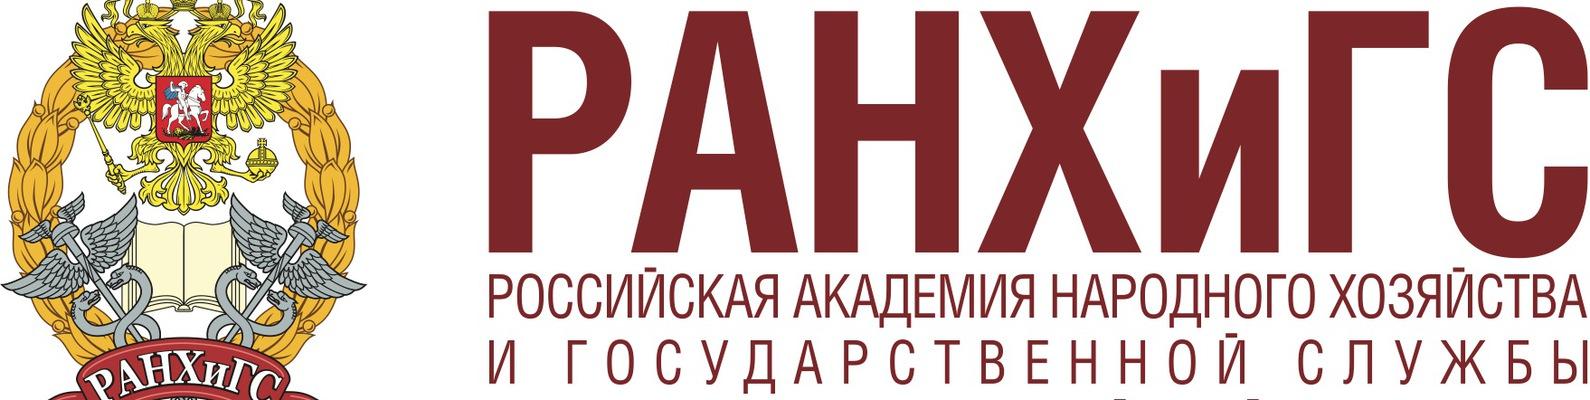 Российская академия народного хозяйства и государственной службы при Президенте РФ — филиал в г. Петрозаводск